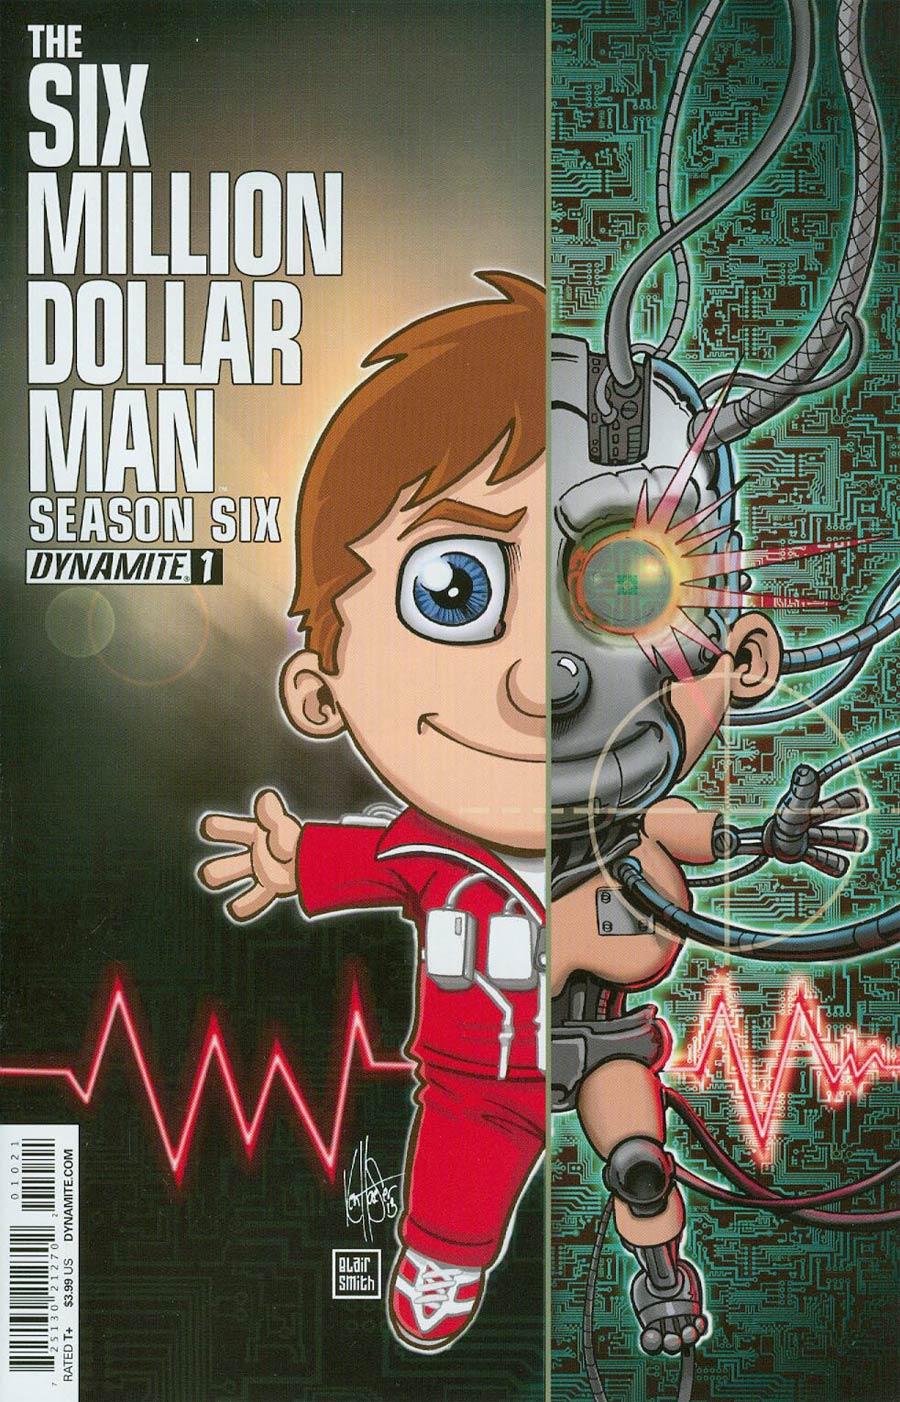 Six Million Dollar Man Season 6 #1 Cover B Variant Ken Haeser Cover